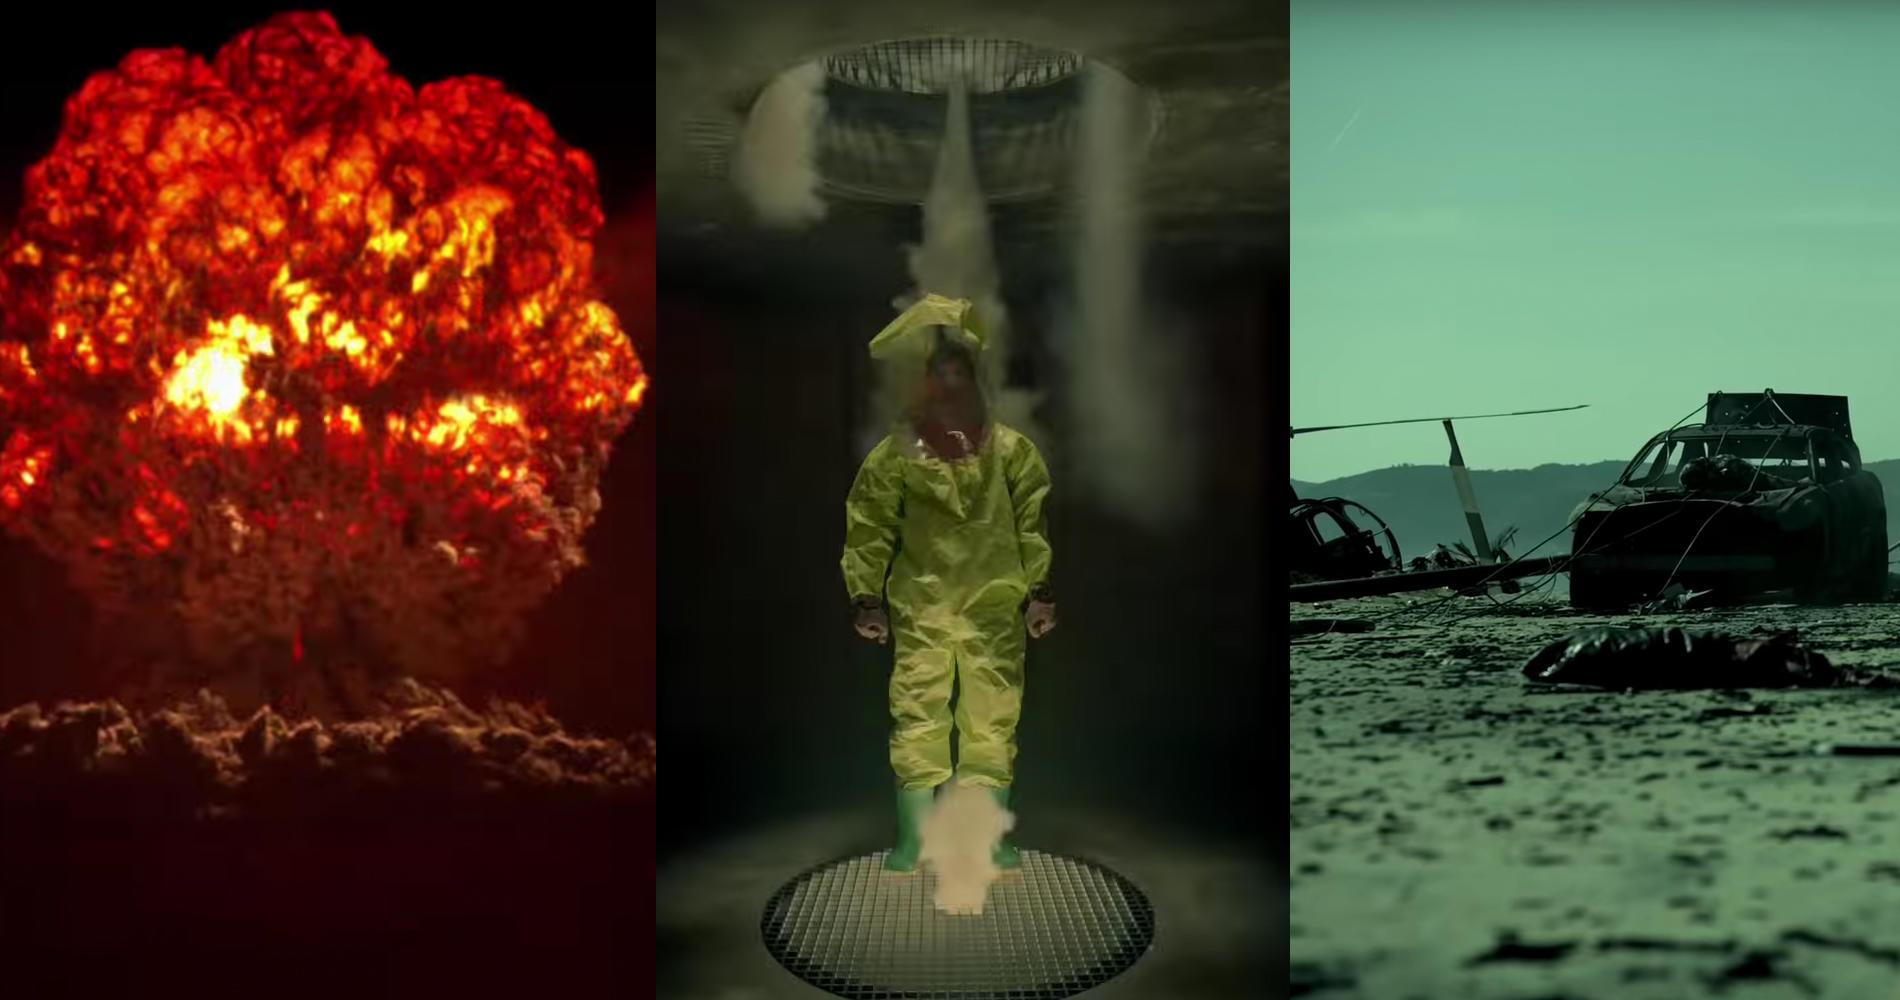 El entorno en el que se desenvuelve la entrega en los primeros episodios